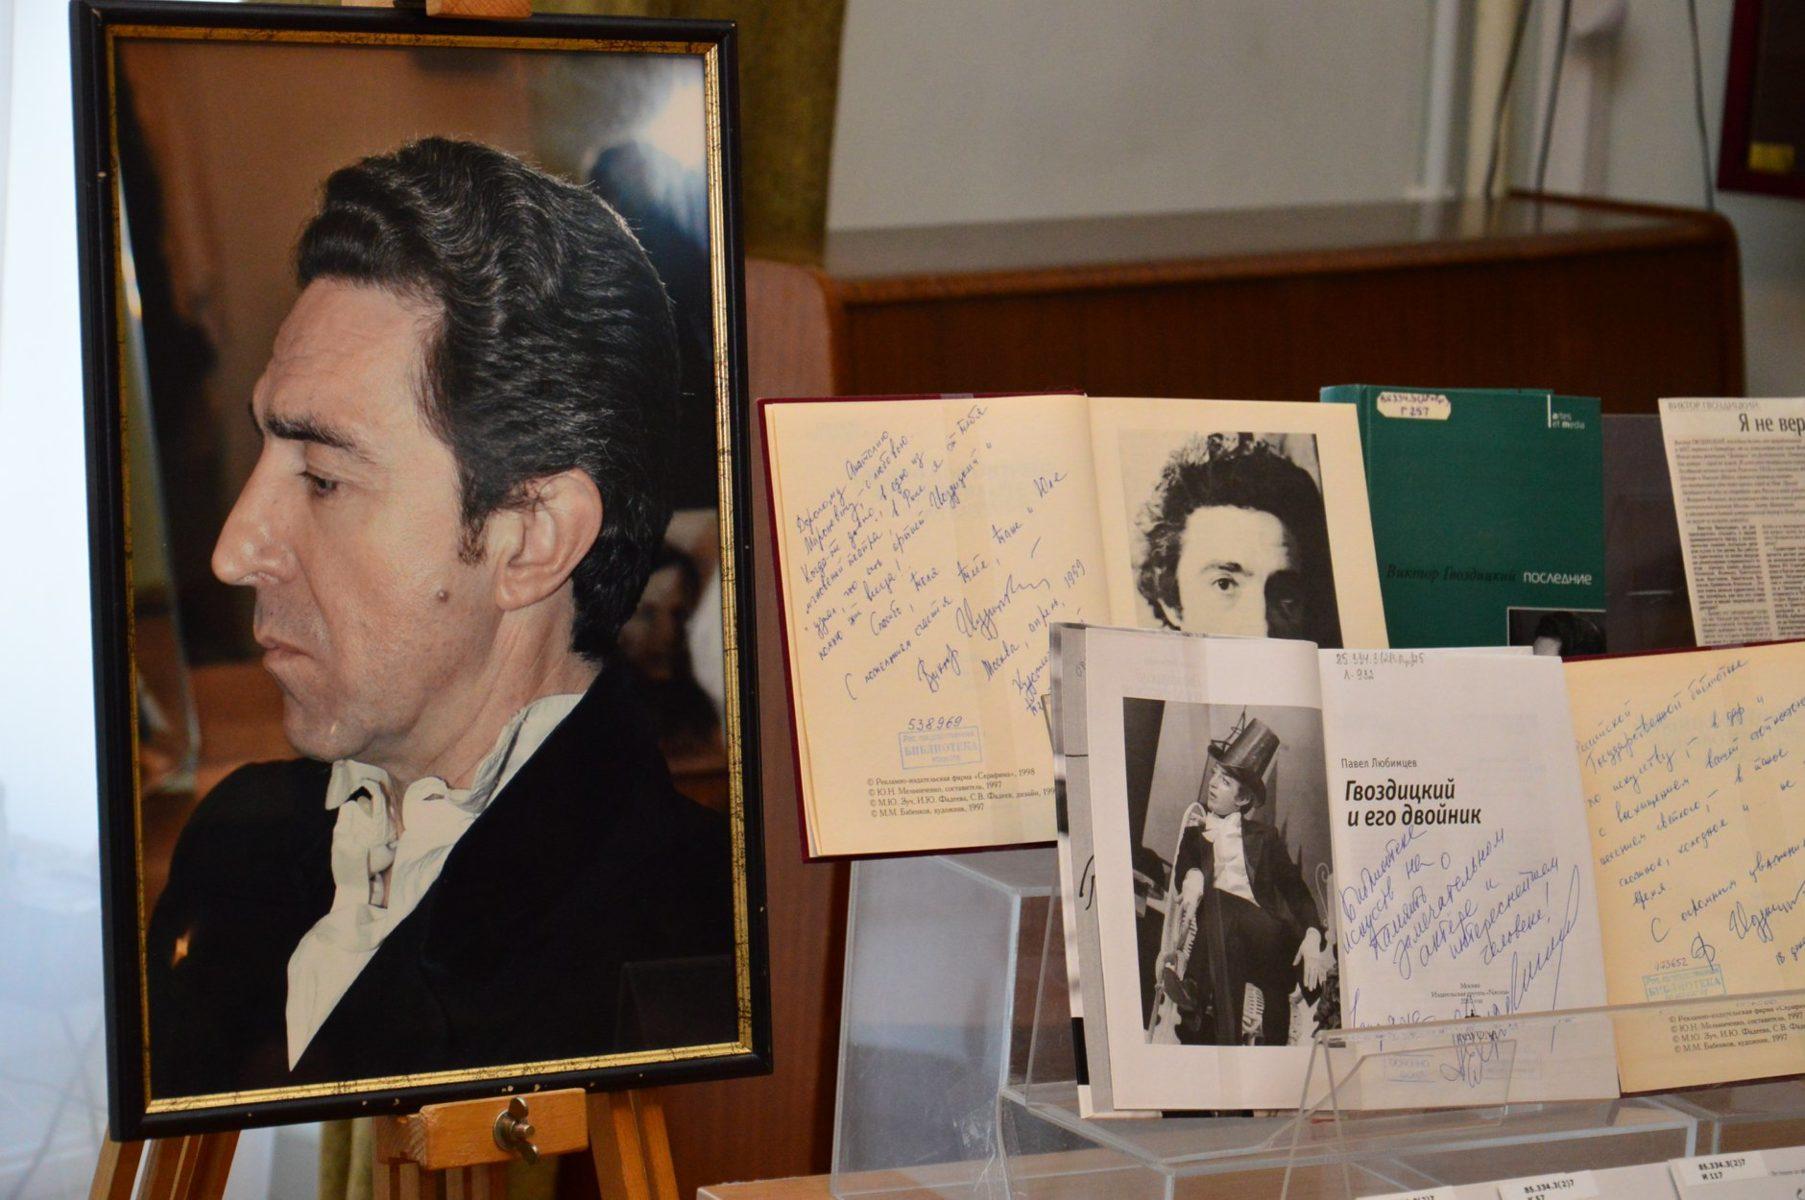 Видеолекция «Виктор Гвоздицкий: актер, читатель, собиратель книг» – события на сайте «Московские Сезоны»